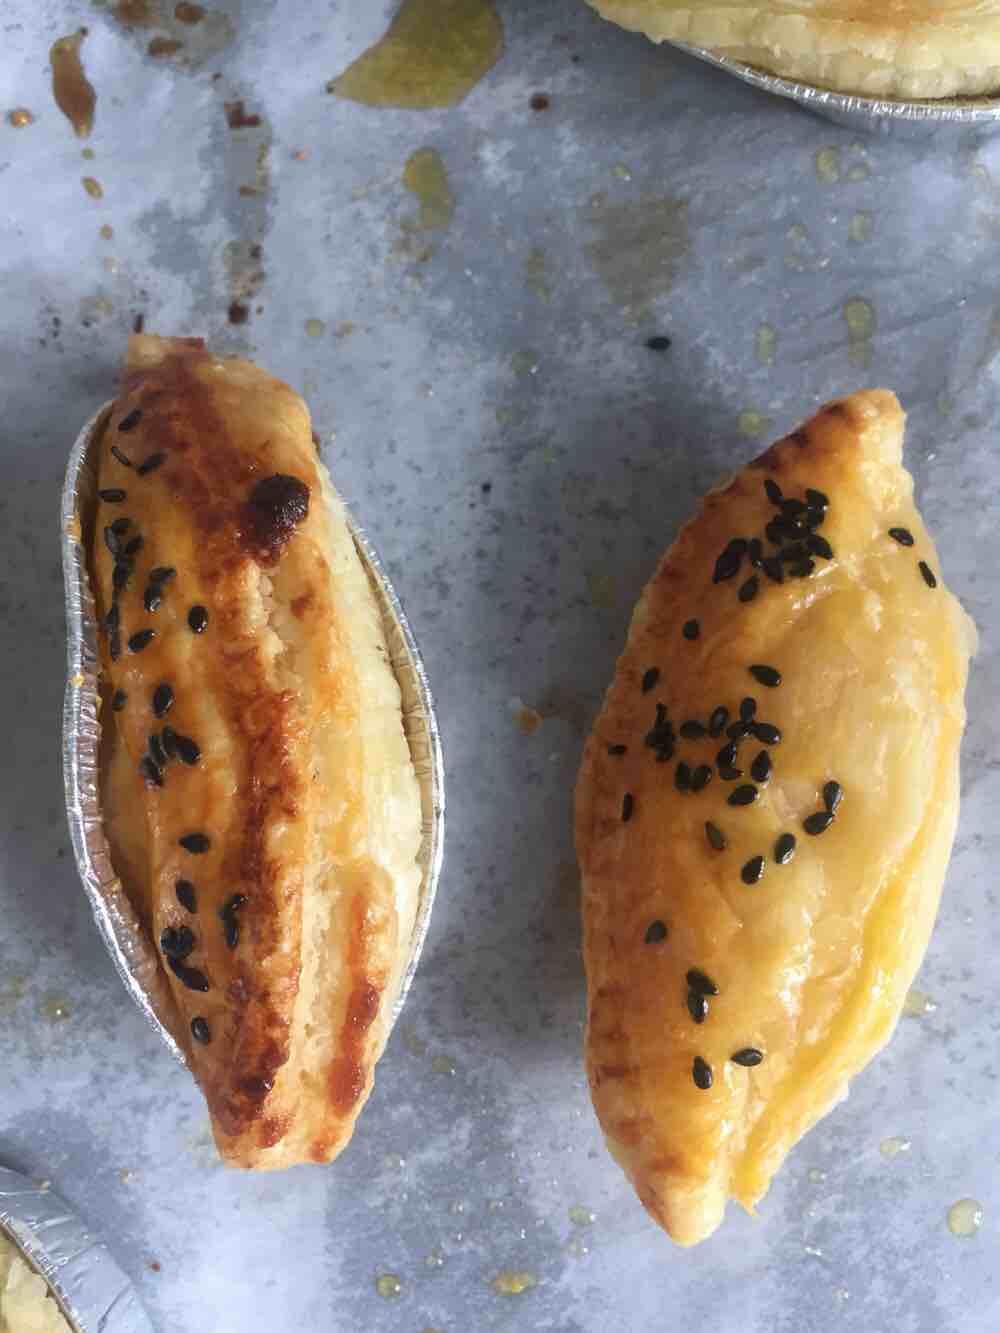 蛋挞的另类吃法—水果挞与香肠挞